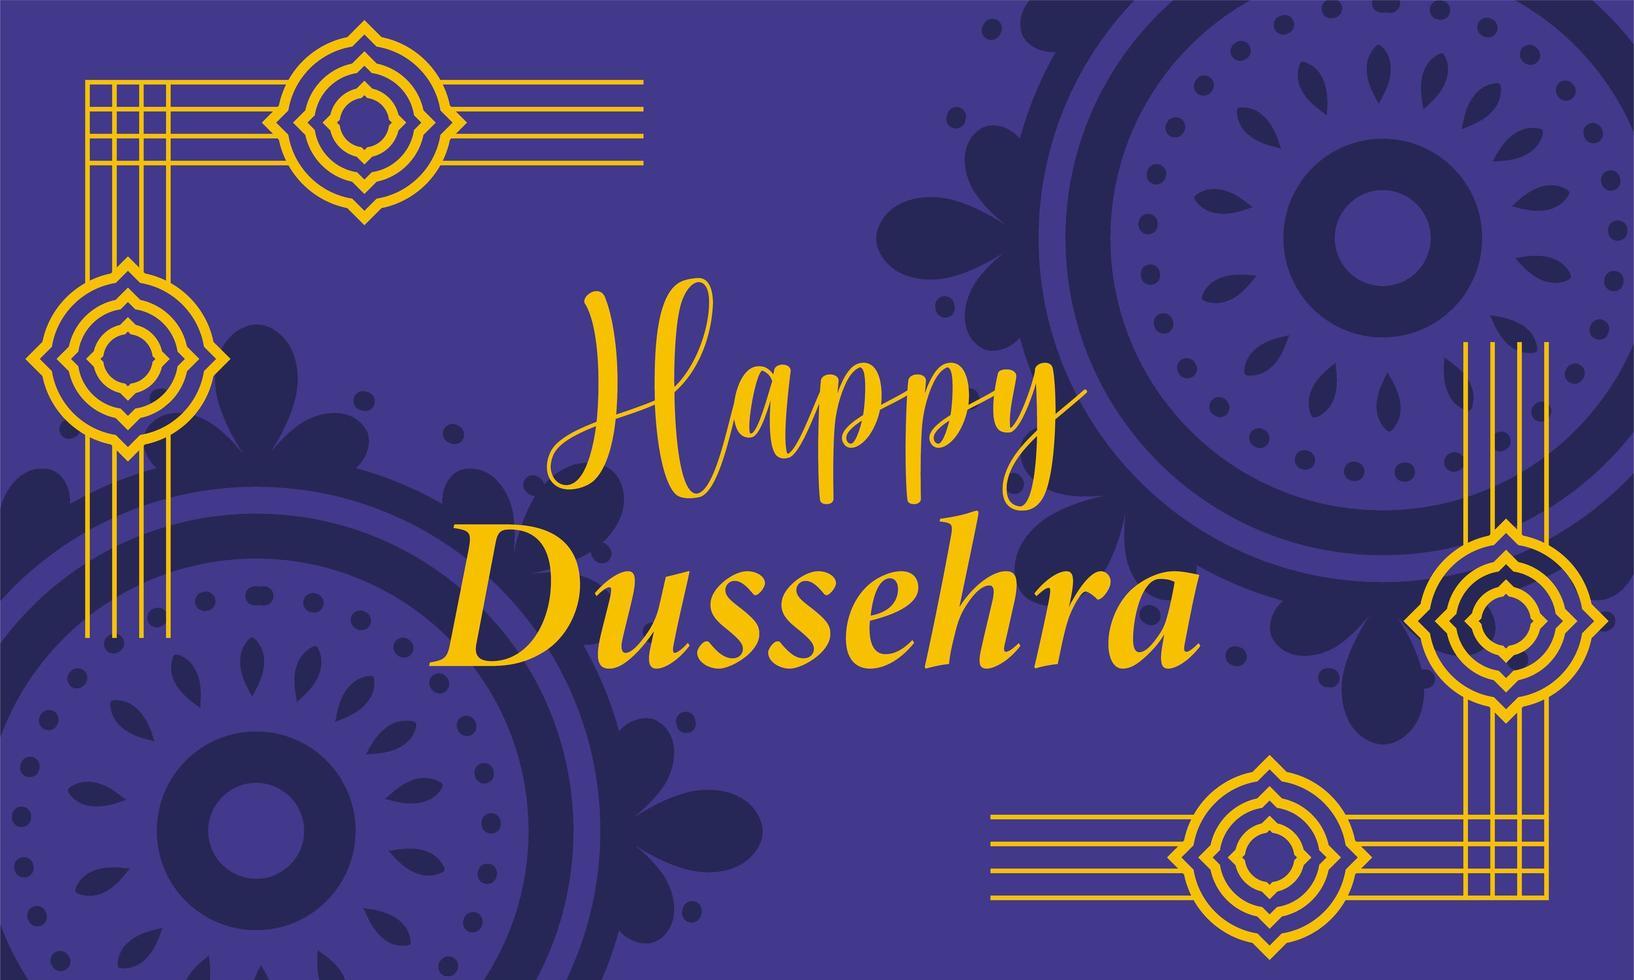 Happy Dussehra Festival von Indien Typografie und Goldformen vektor